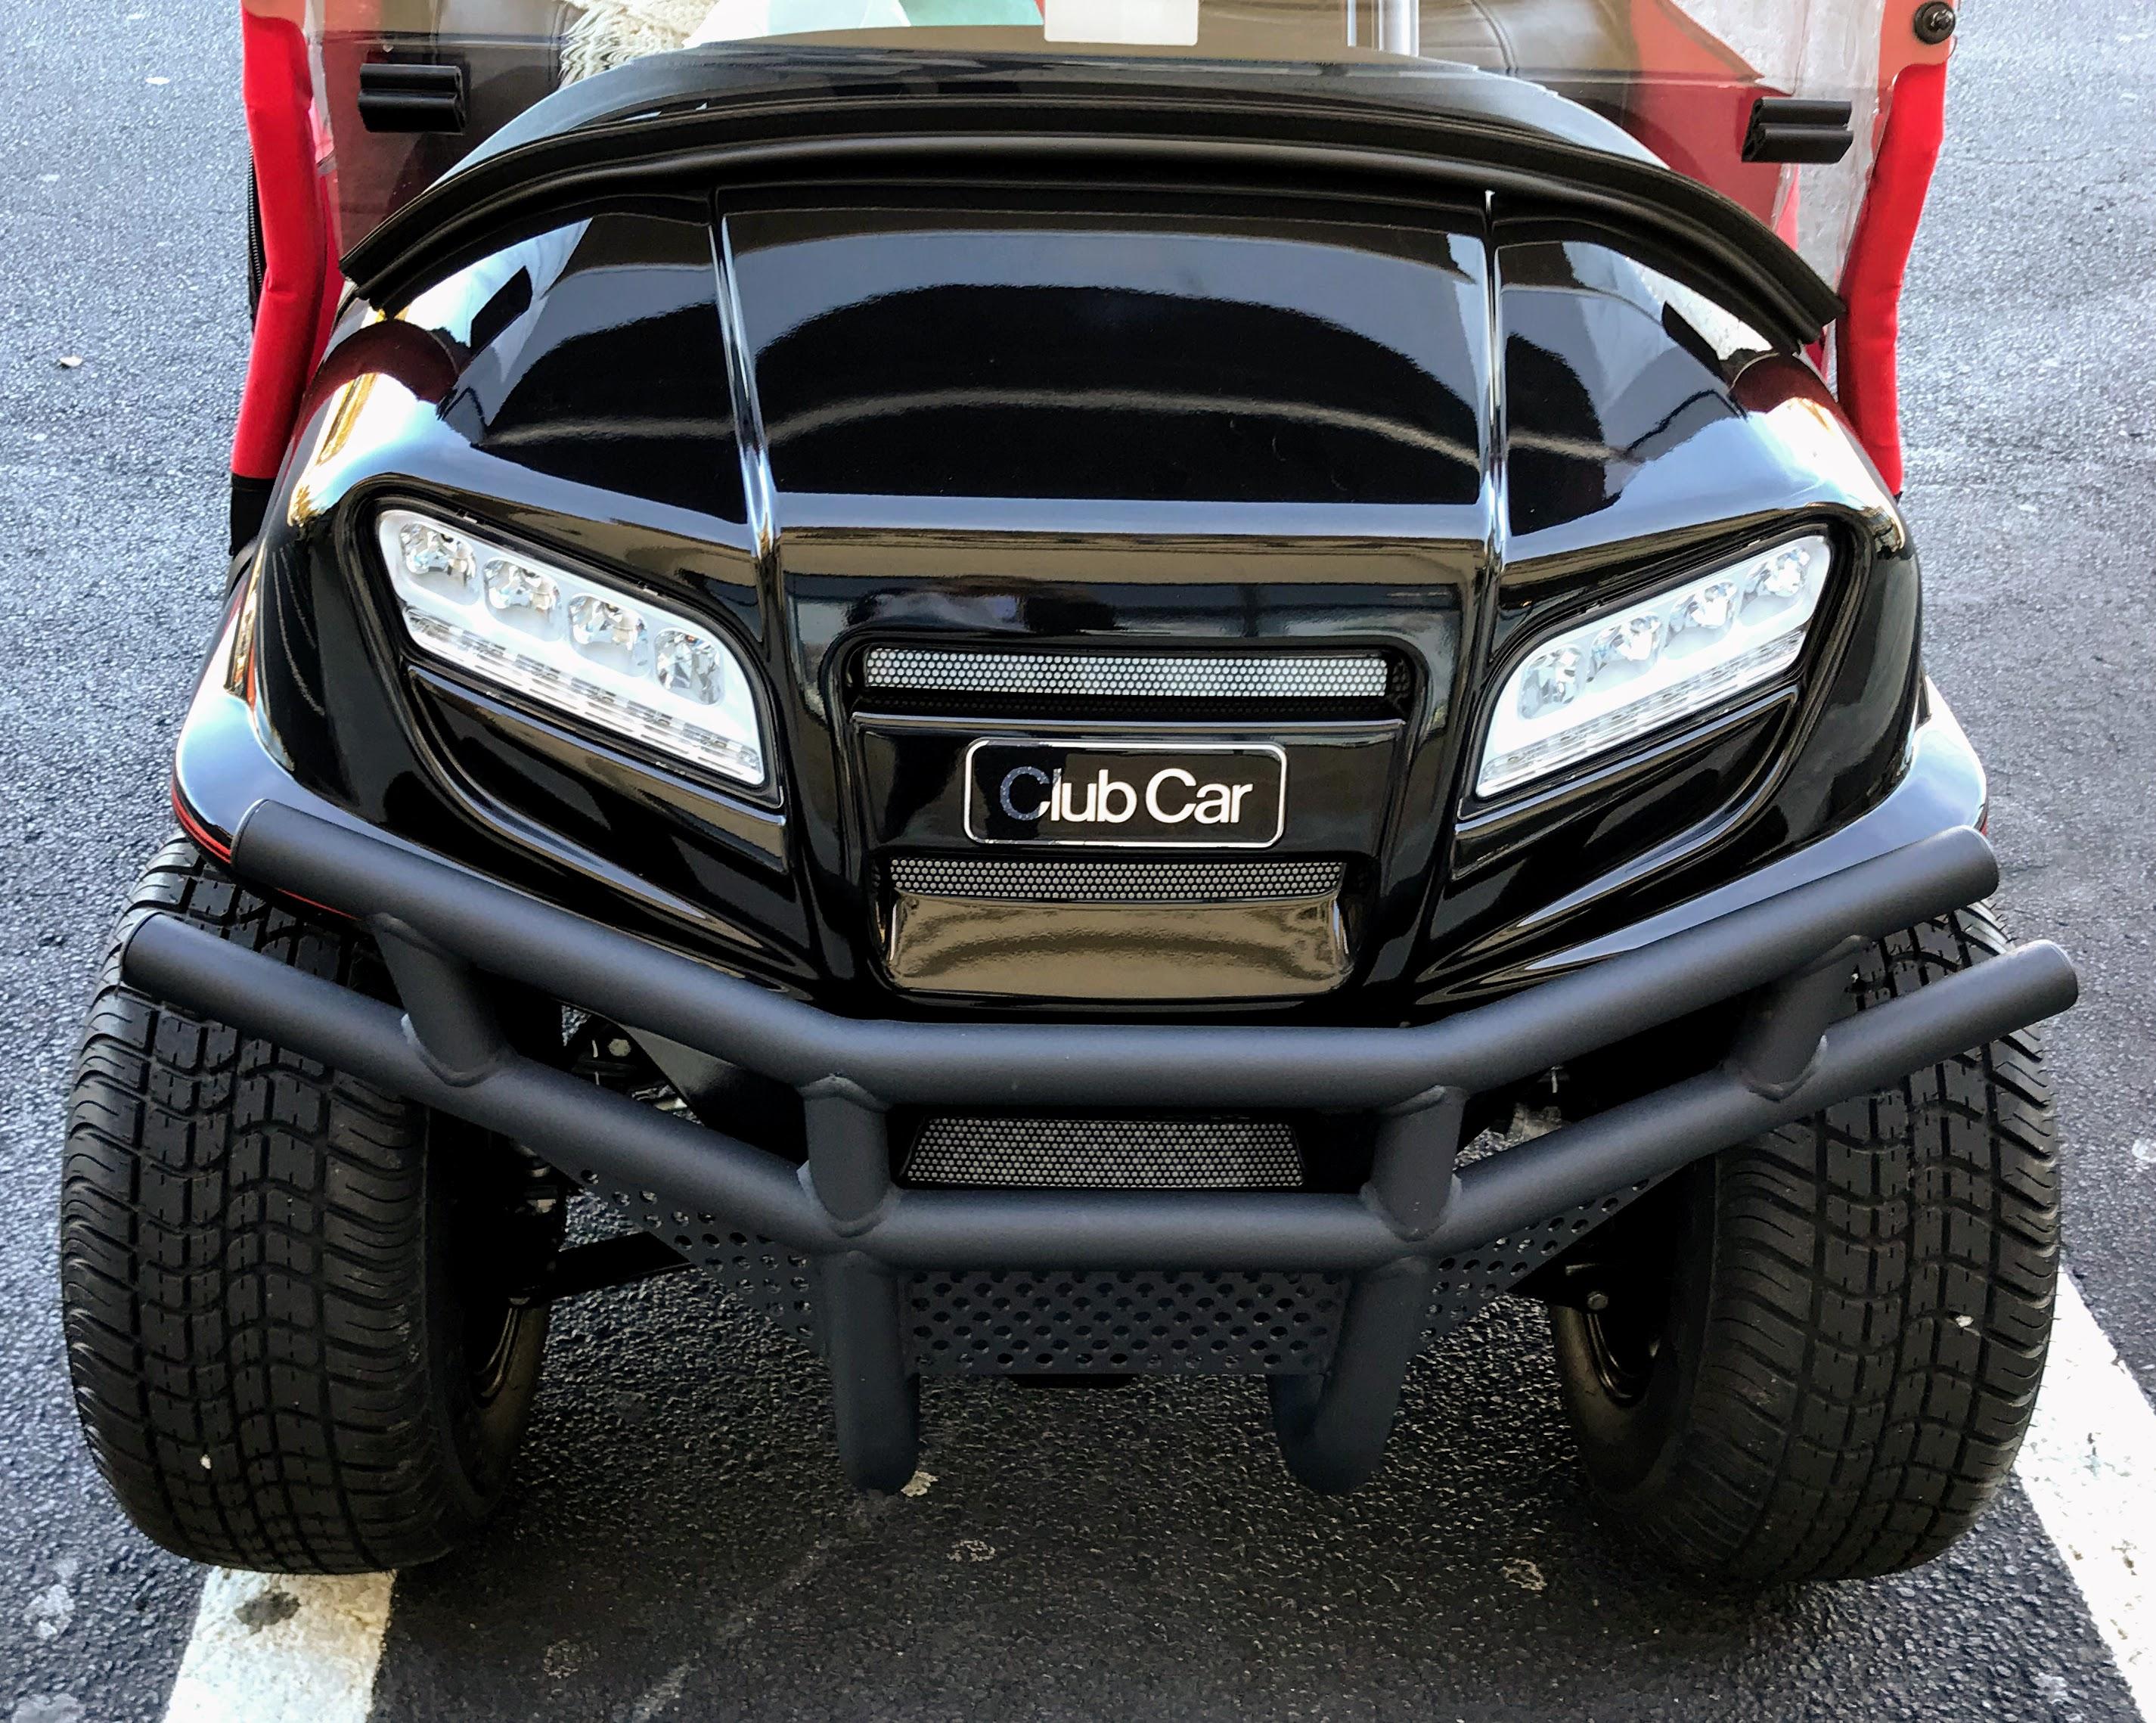 club car golf cart accessories